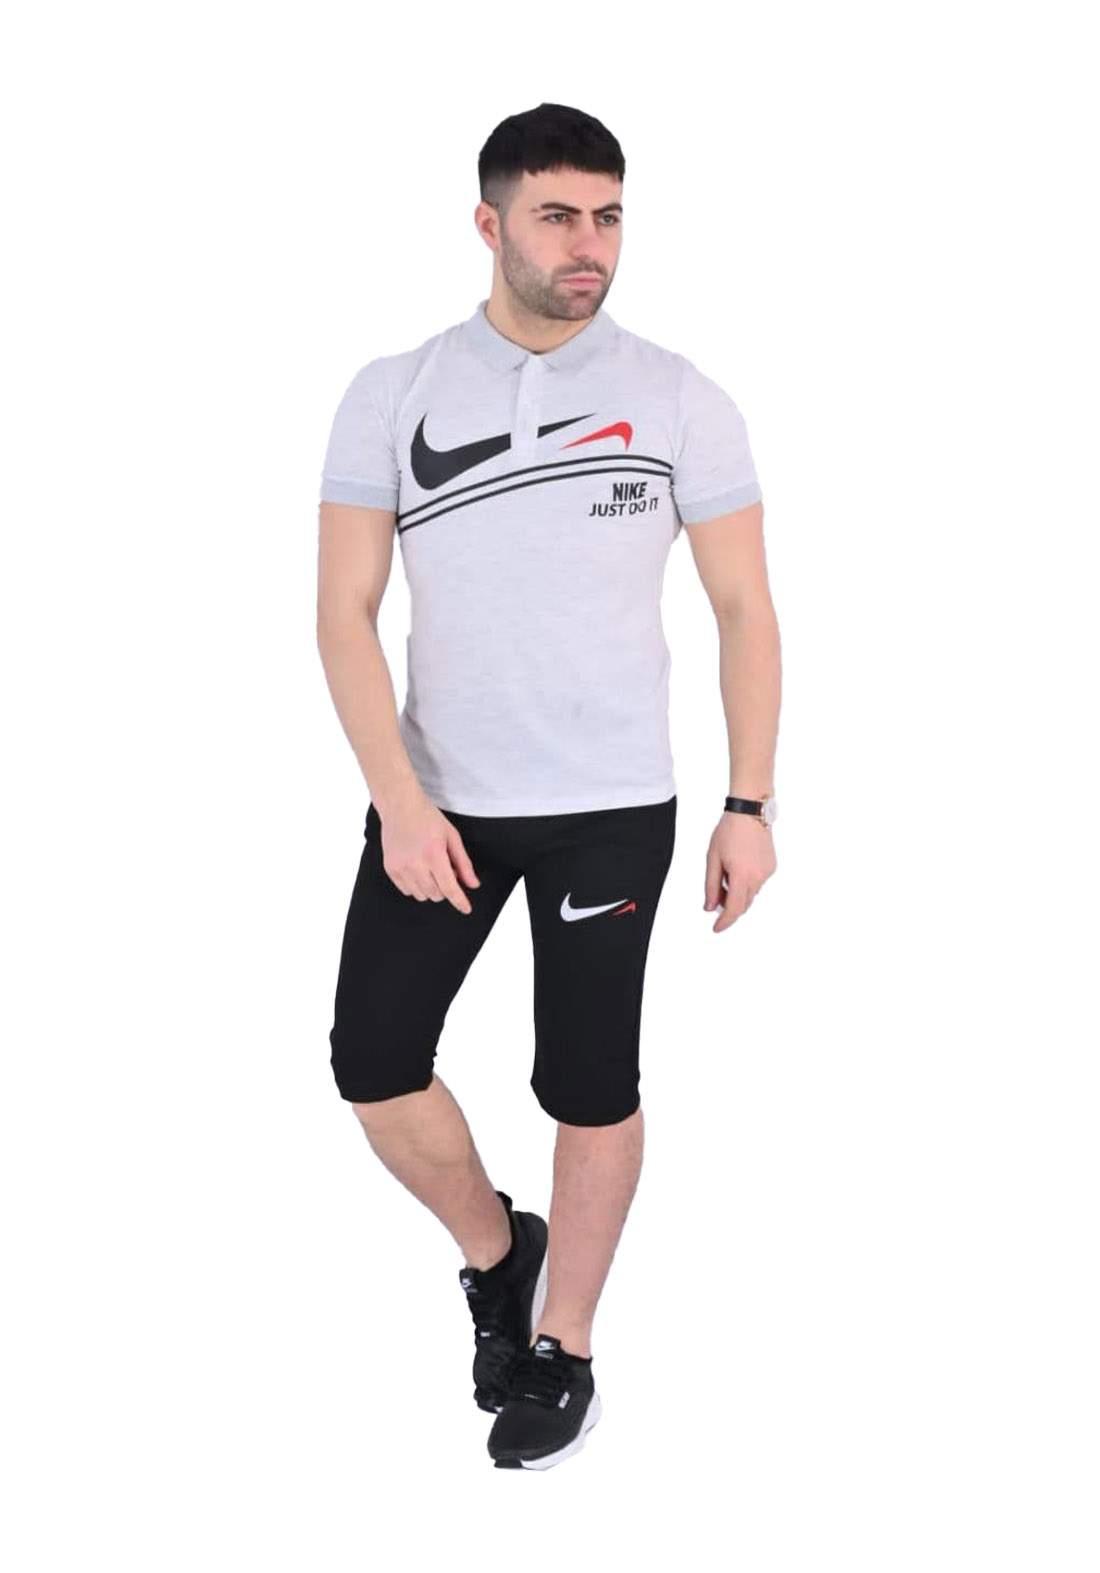 Nike Sportswear تراكسوت رجالي ابيض اللون